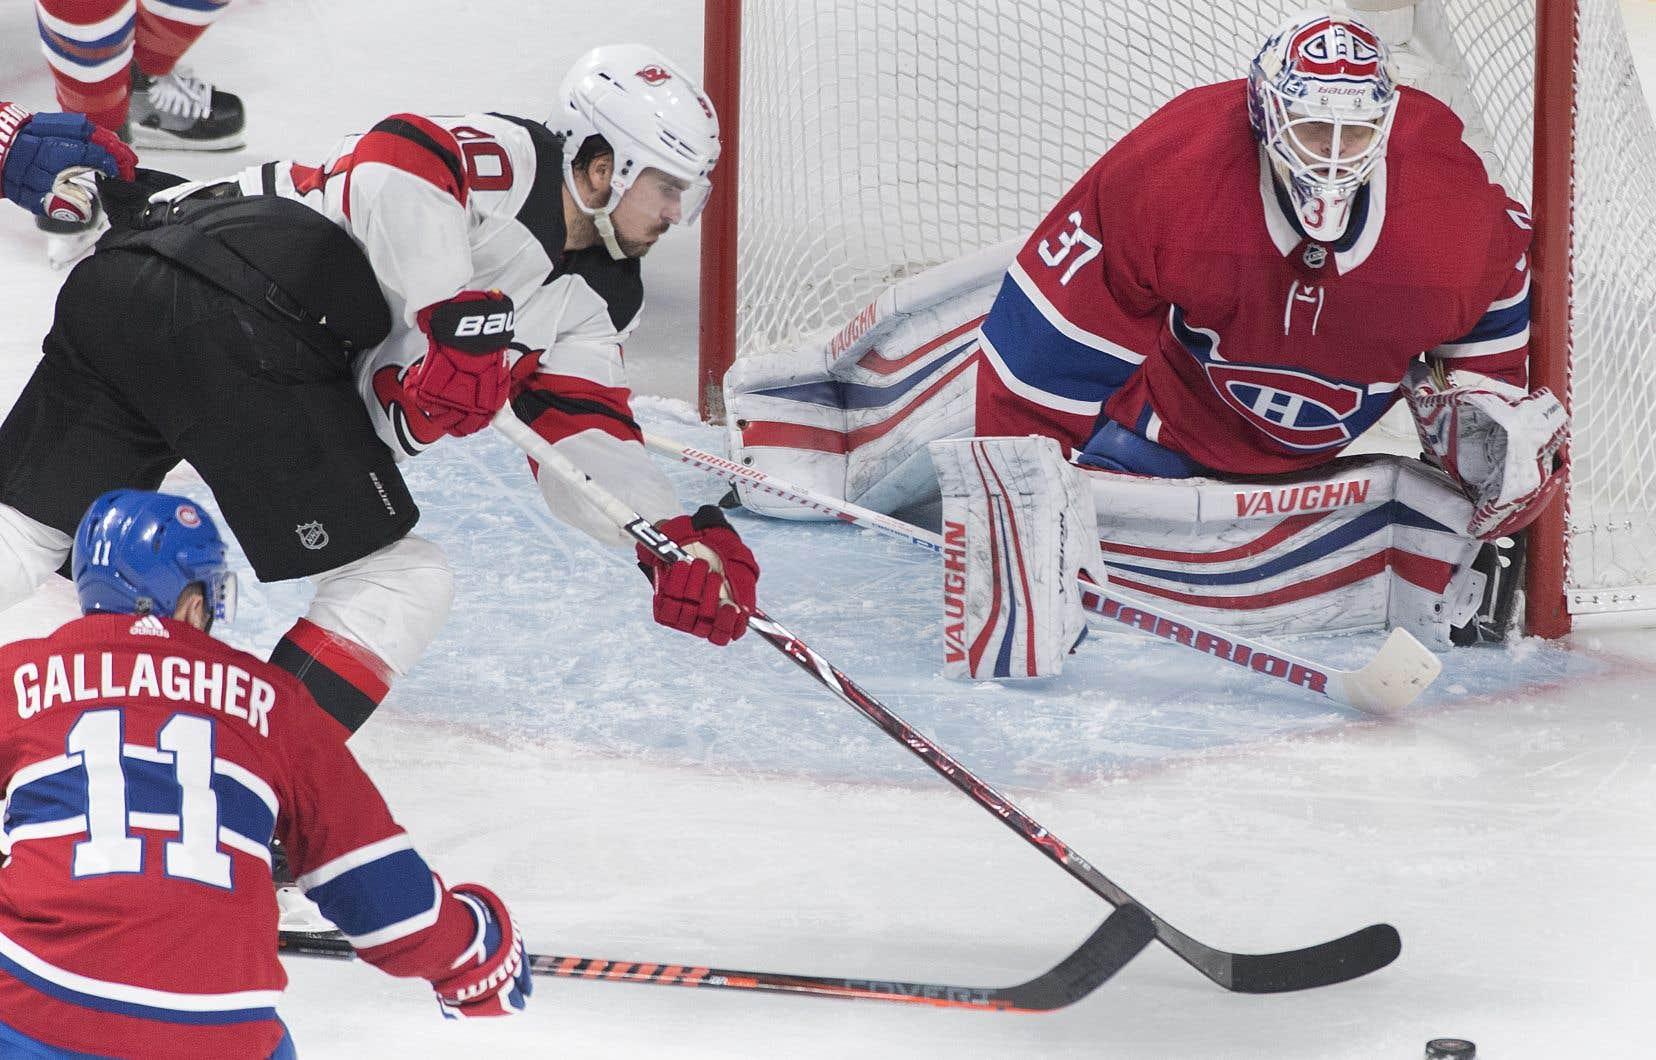 Le Canadien a encaissé une cinquième défaite cette saison quand elle mène après deux périodes.